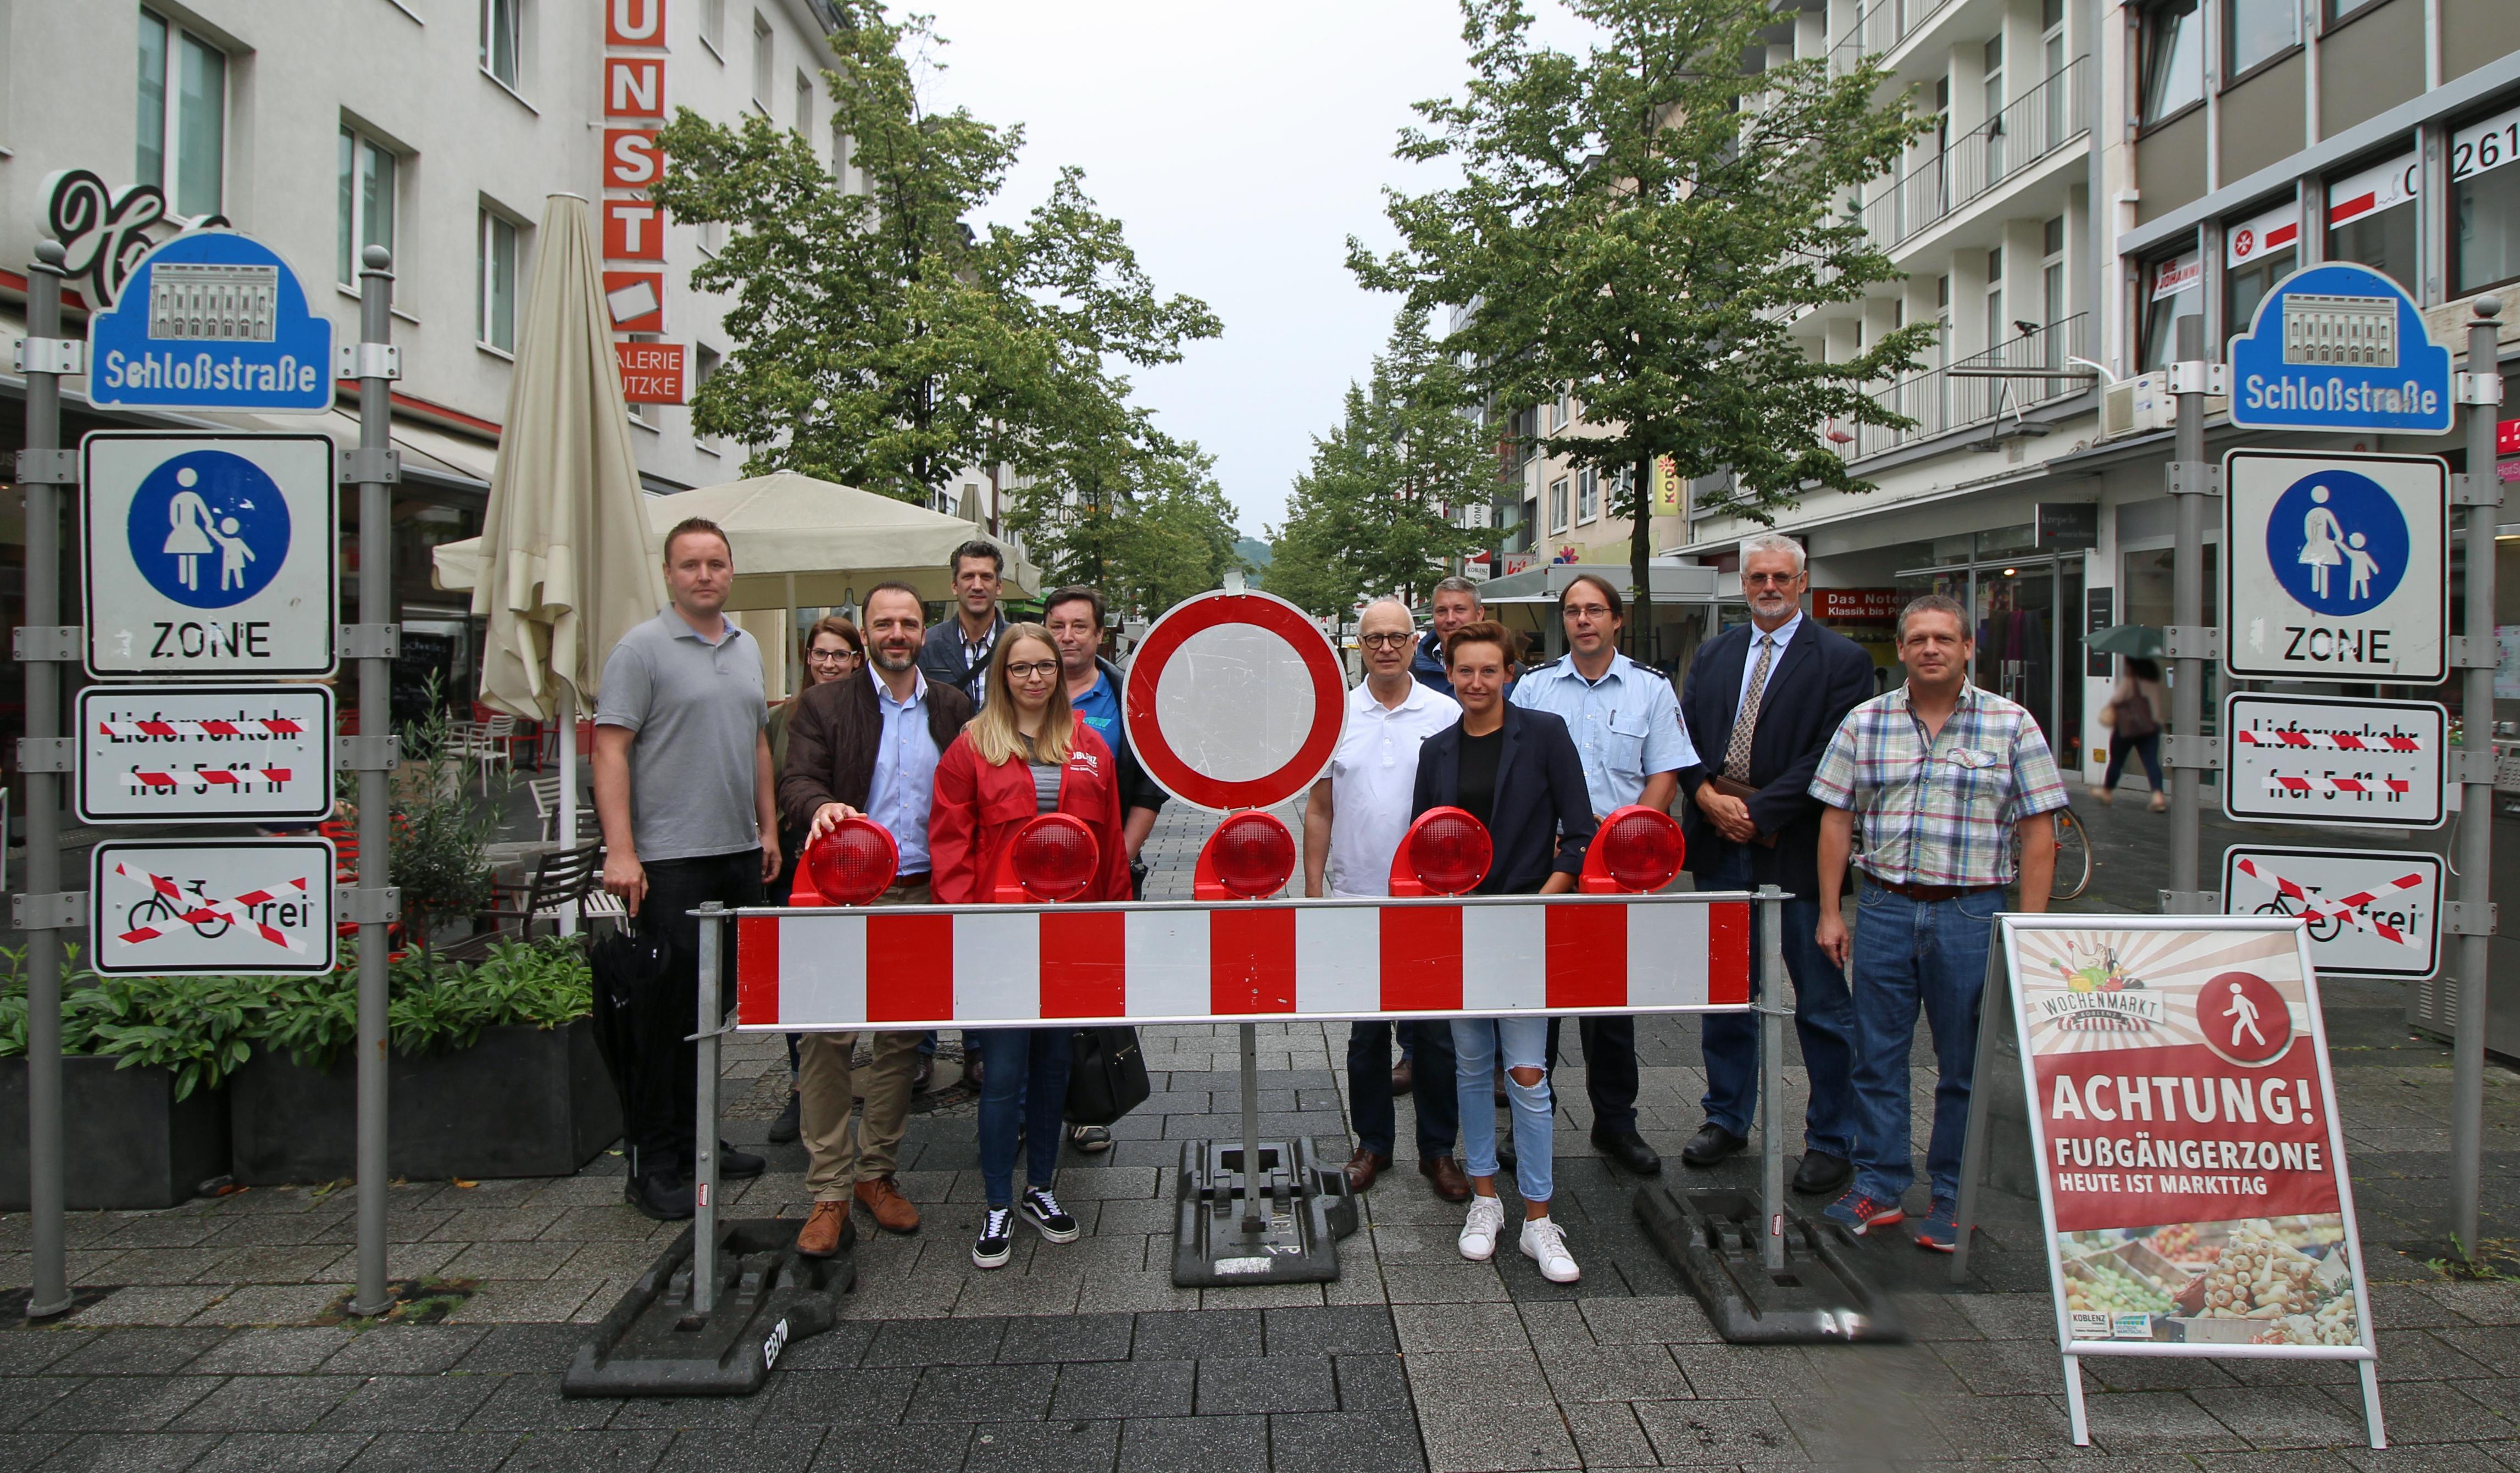 Testweise Sperrung Der Schlossstrasse Fur Wochenmarkt Koblenz